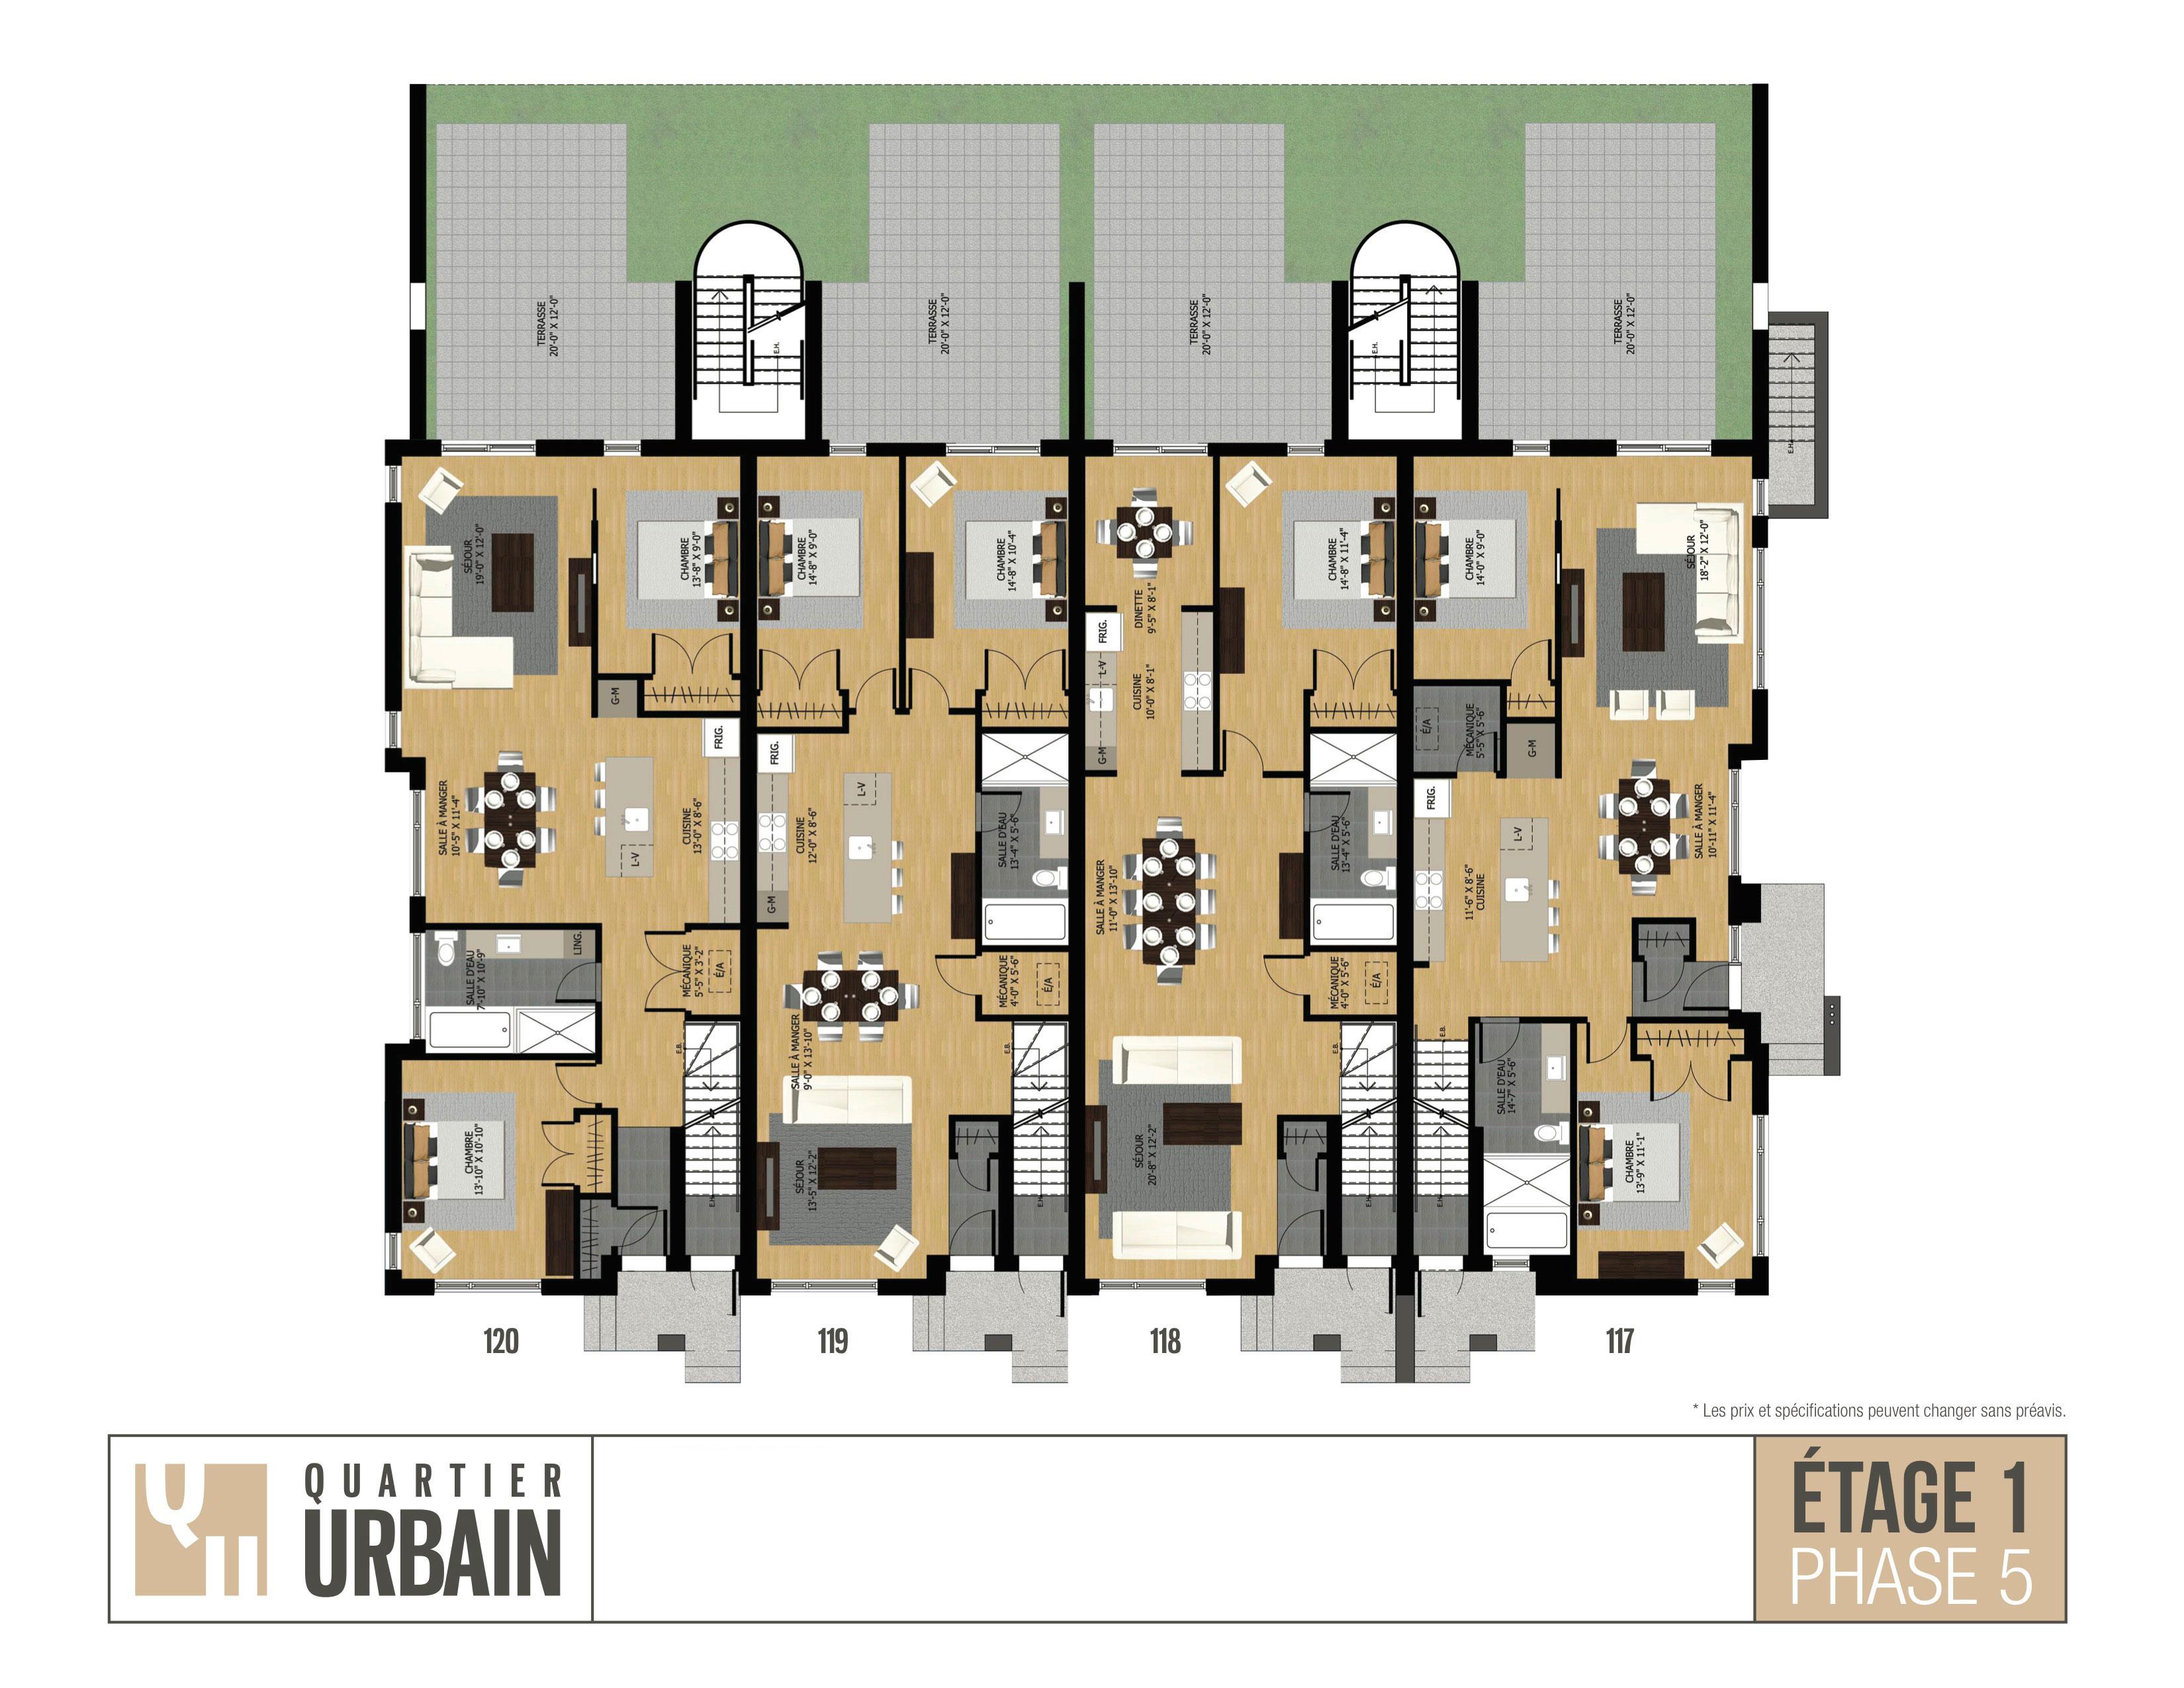 plan-etage-1-corrige_quartier-urbain